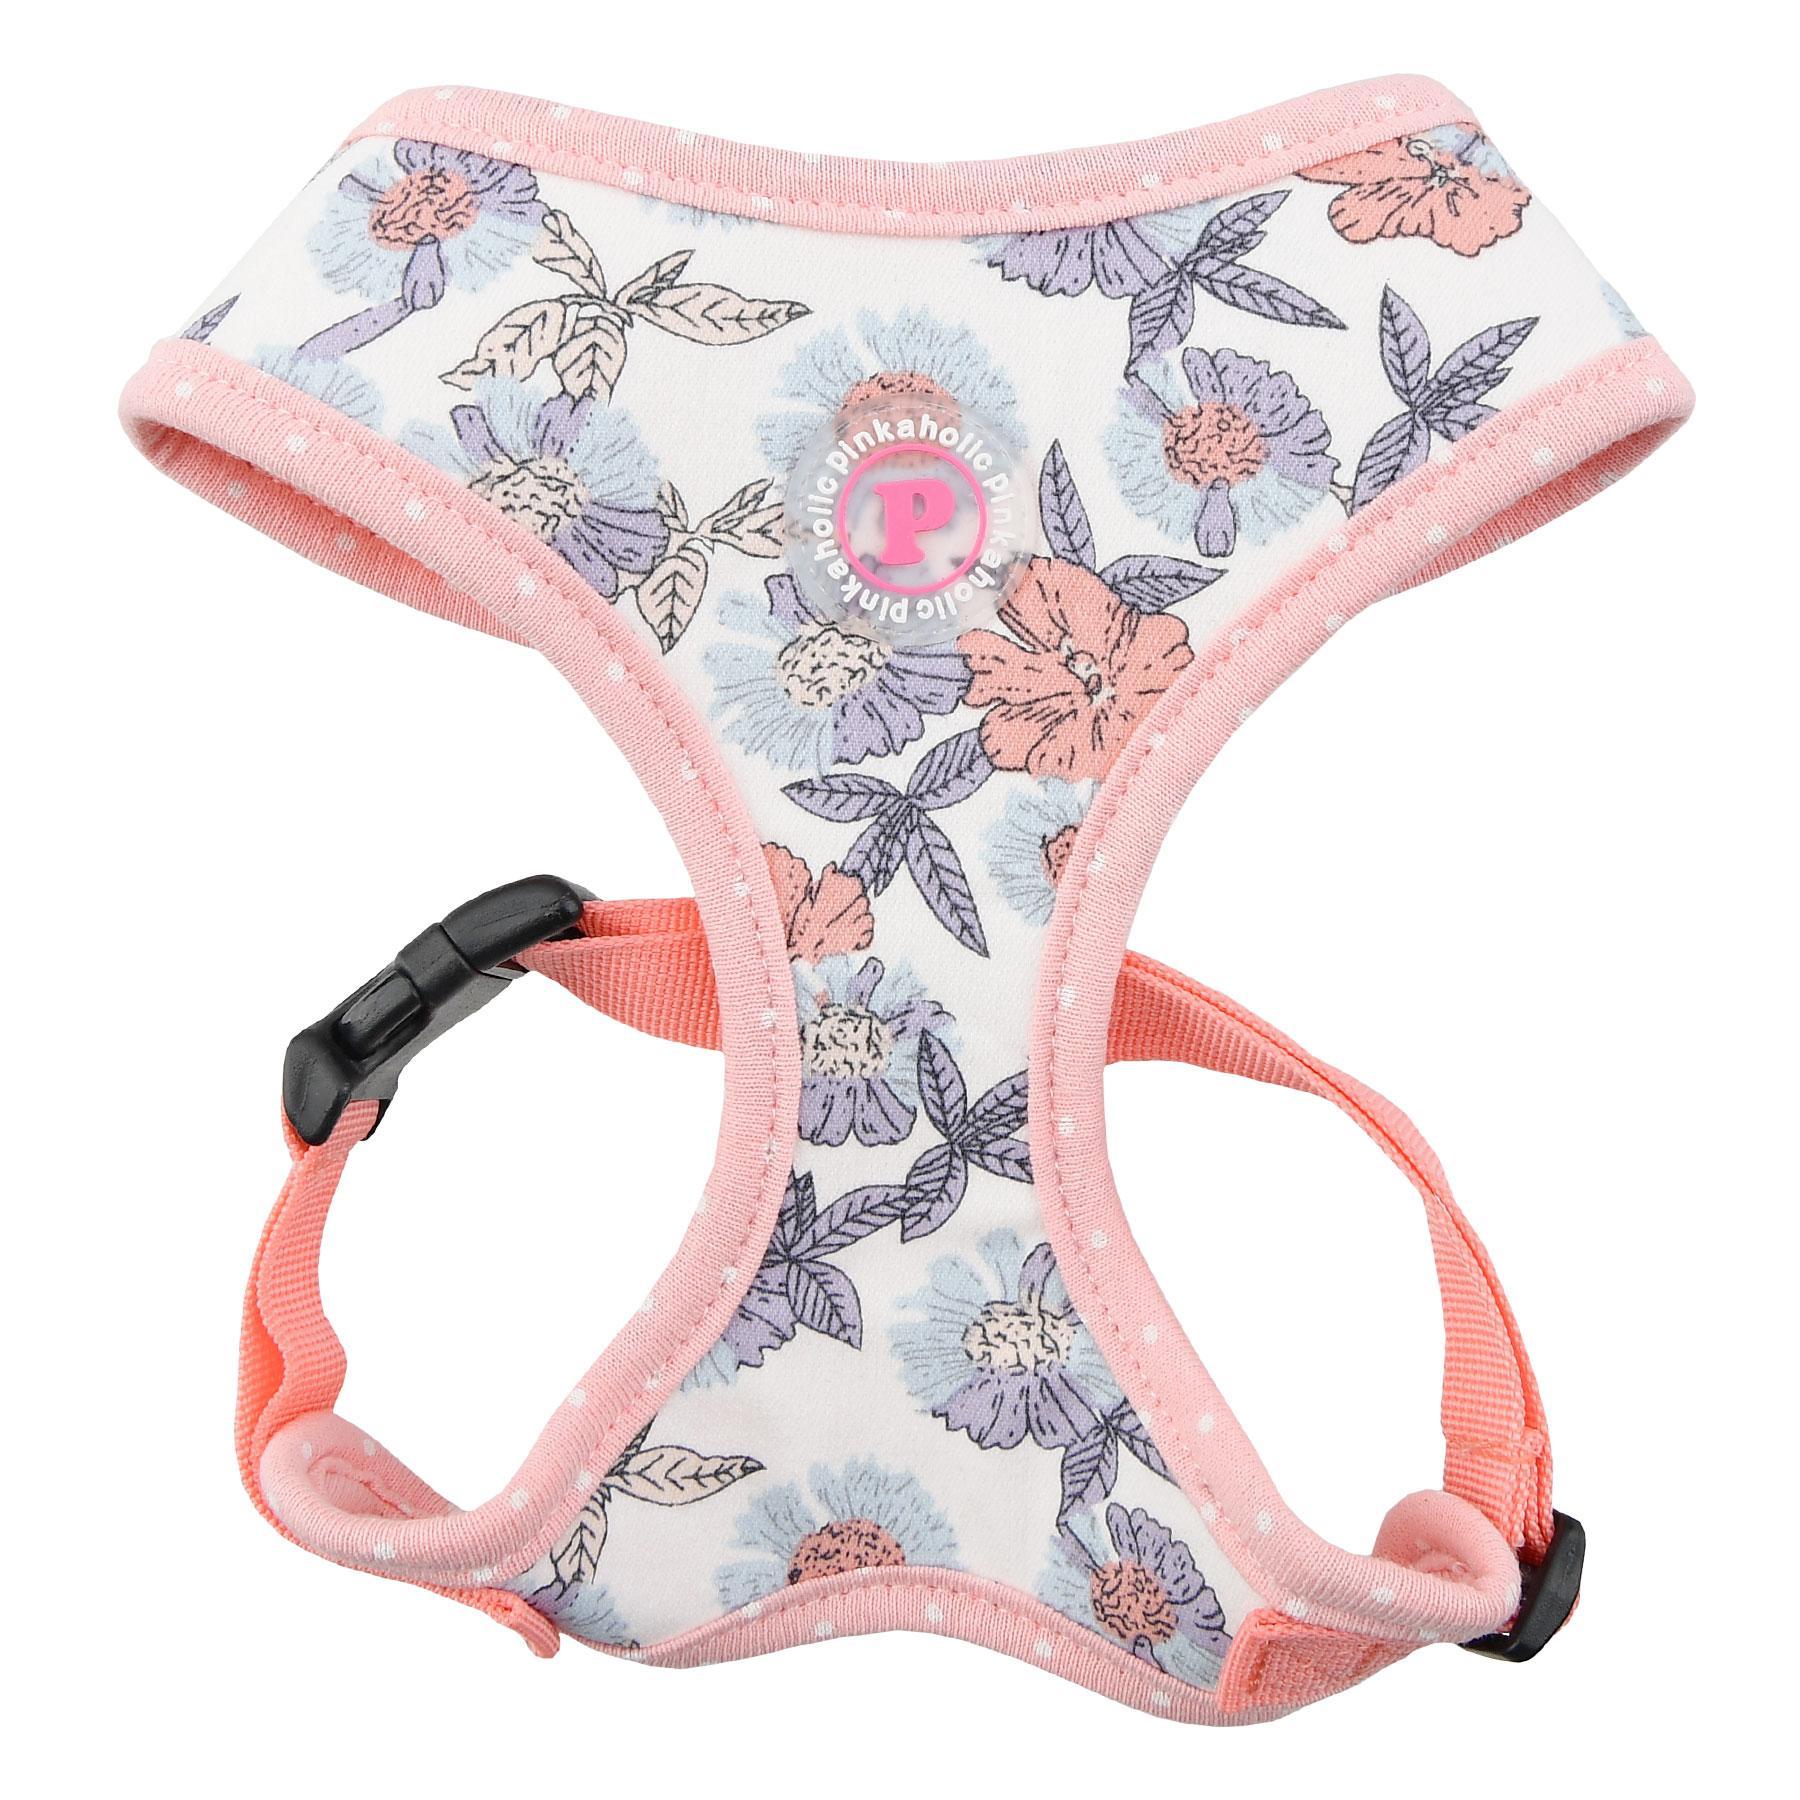 Zinnia Basic Style Dog Harness by Pinkaholic - Ivory